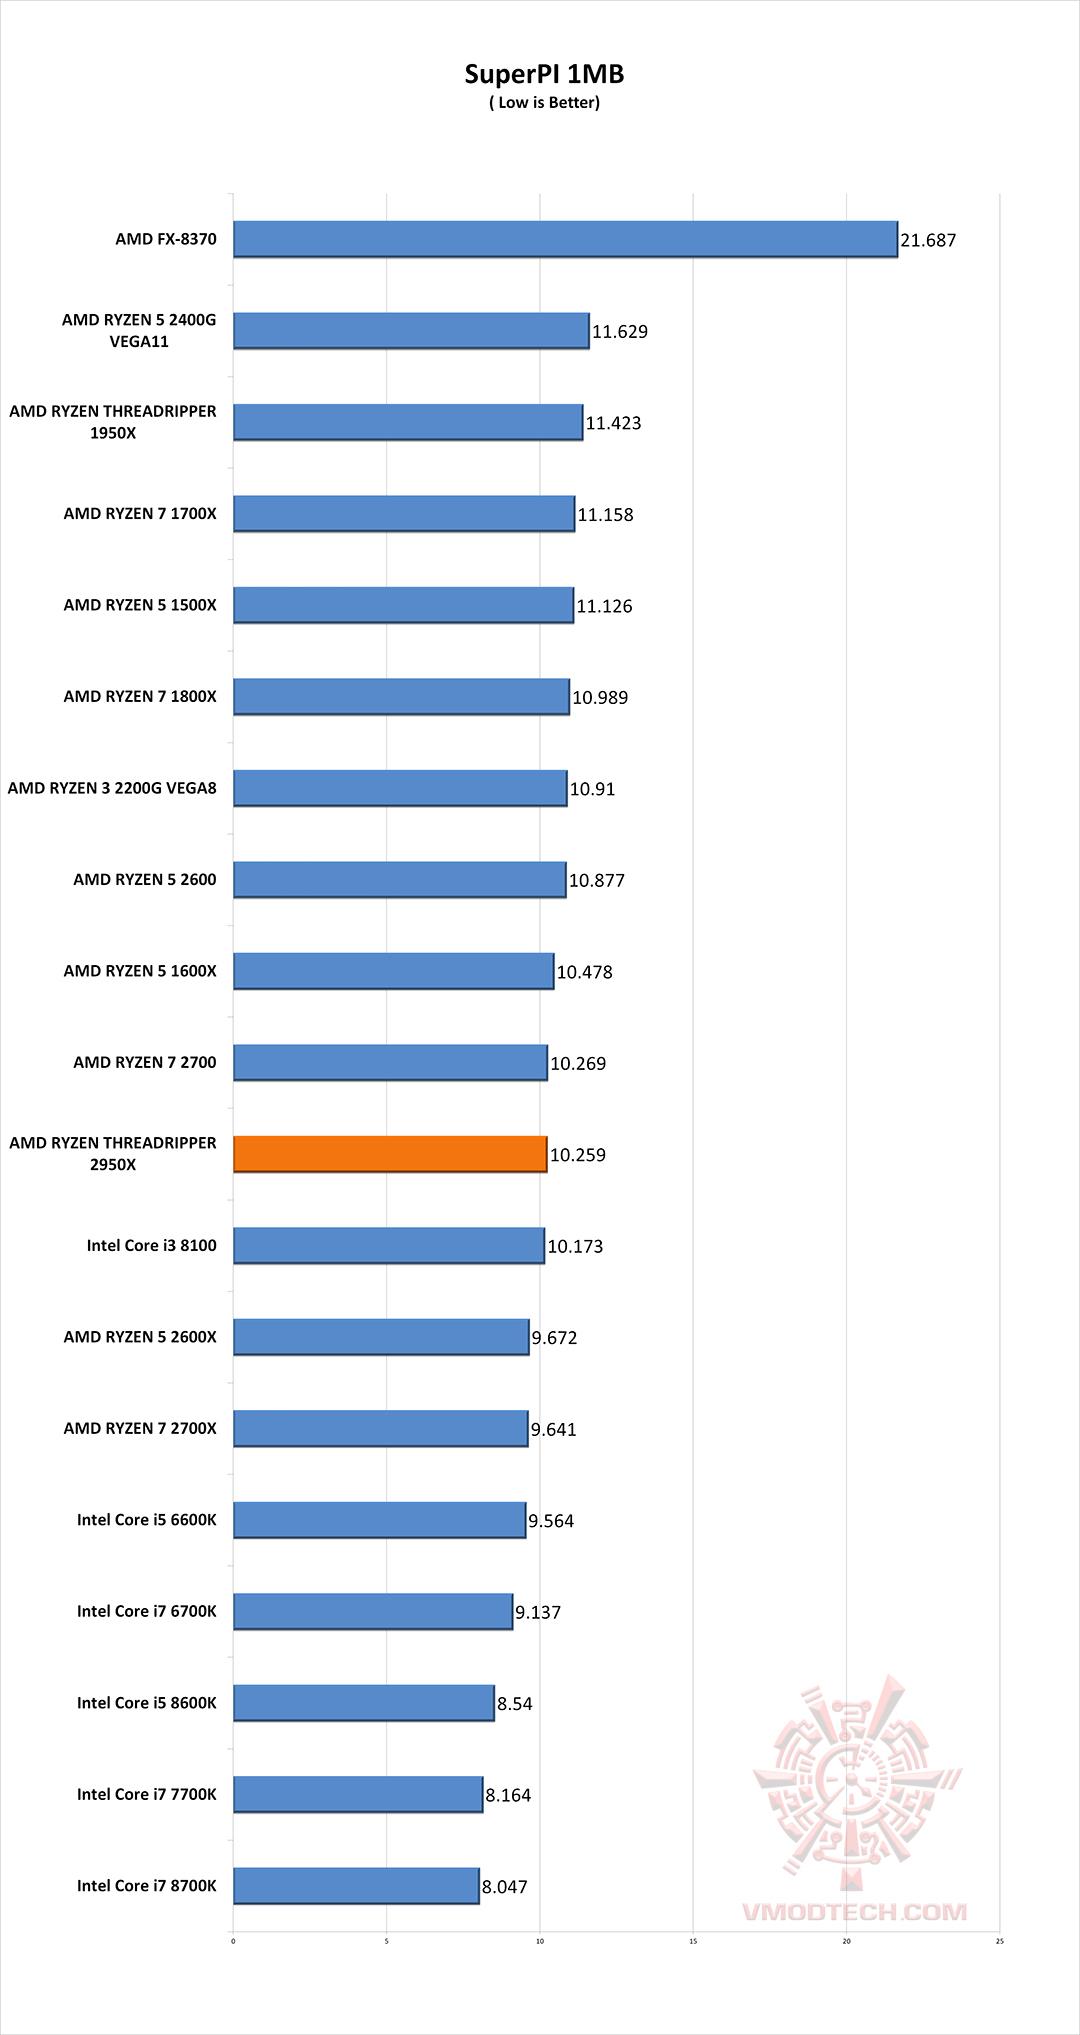 s1 g AMD RYZEN THREADRIPPER 2950X PROCESSOR REVIEW